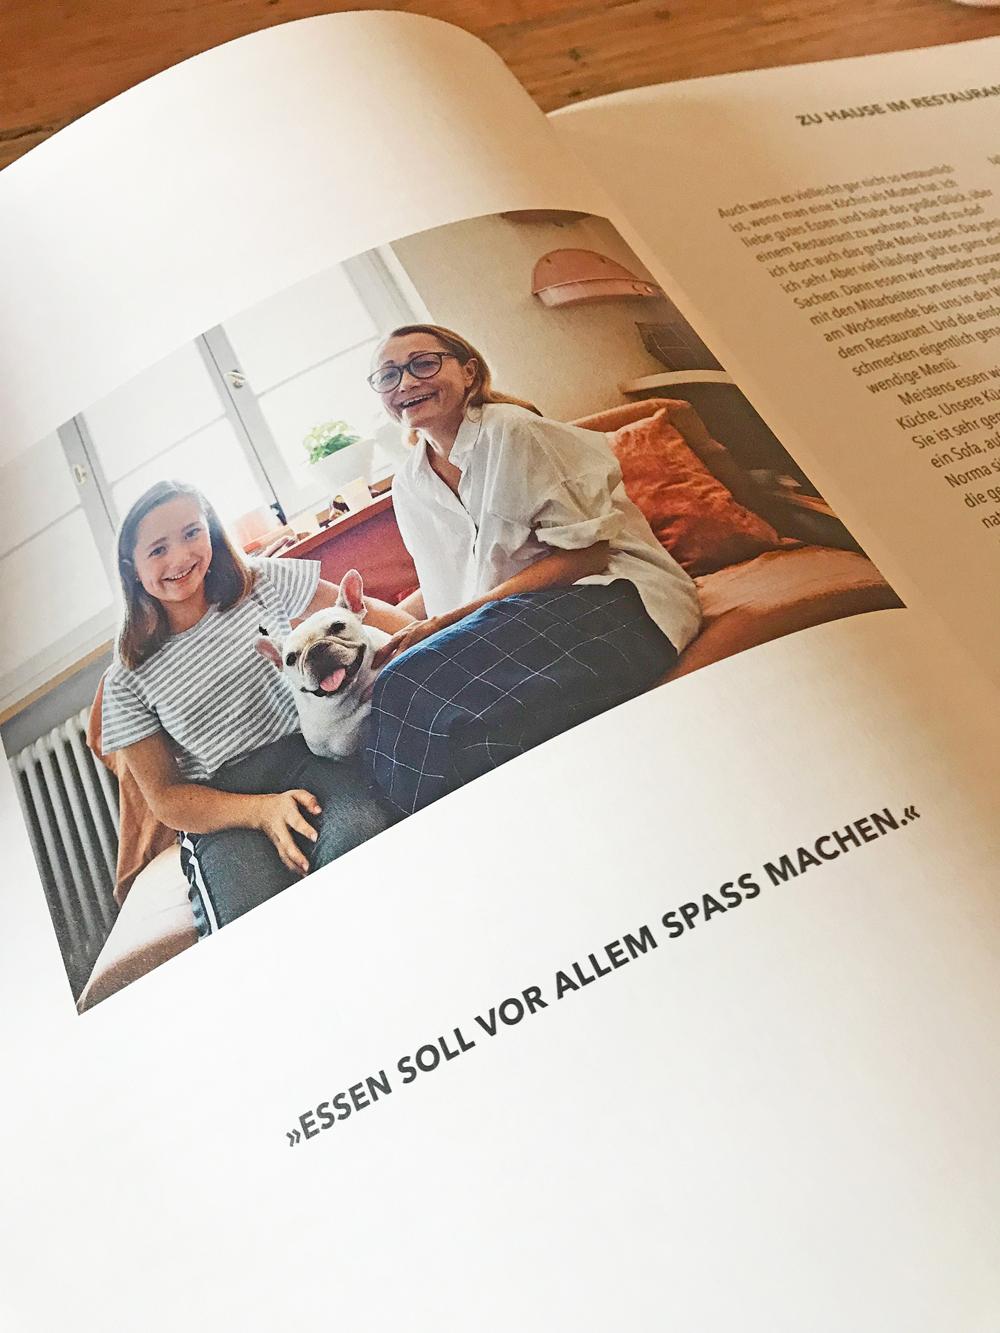 """Sterneköchin Tanja Grandits zeigt in ihrem sechsten Buch """"Tanjas Kochbuch"""" eine Sammlung ihrer Lieblingsrezepte aus dem Alltag, die einfach zu machen sind - und köstlich schmecken!"""